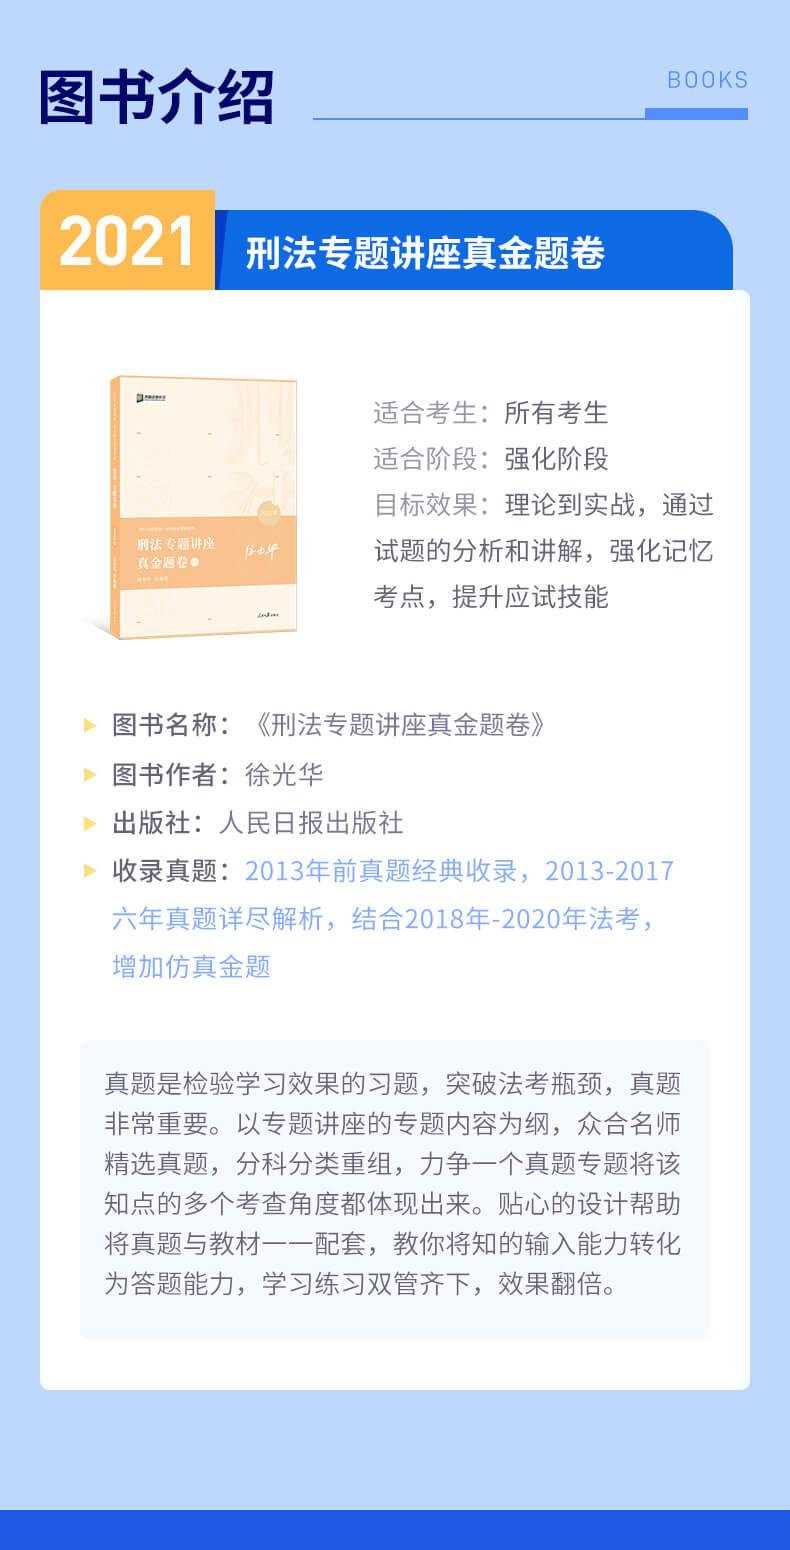 2021客观题真金题卷-徐光华_05.jpg